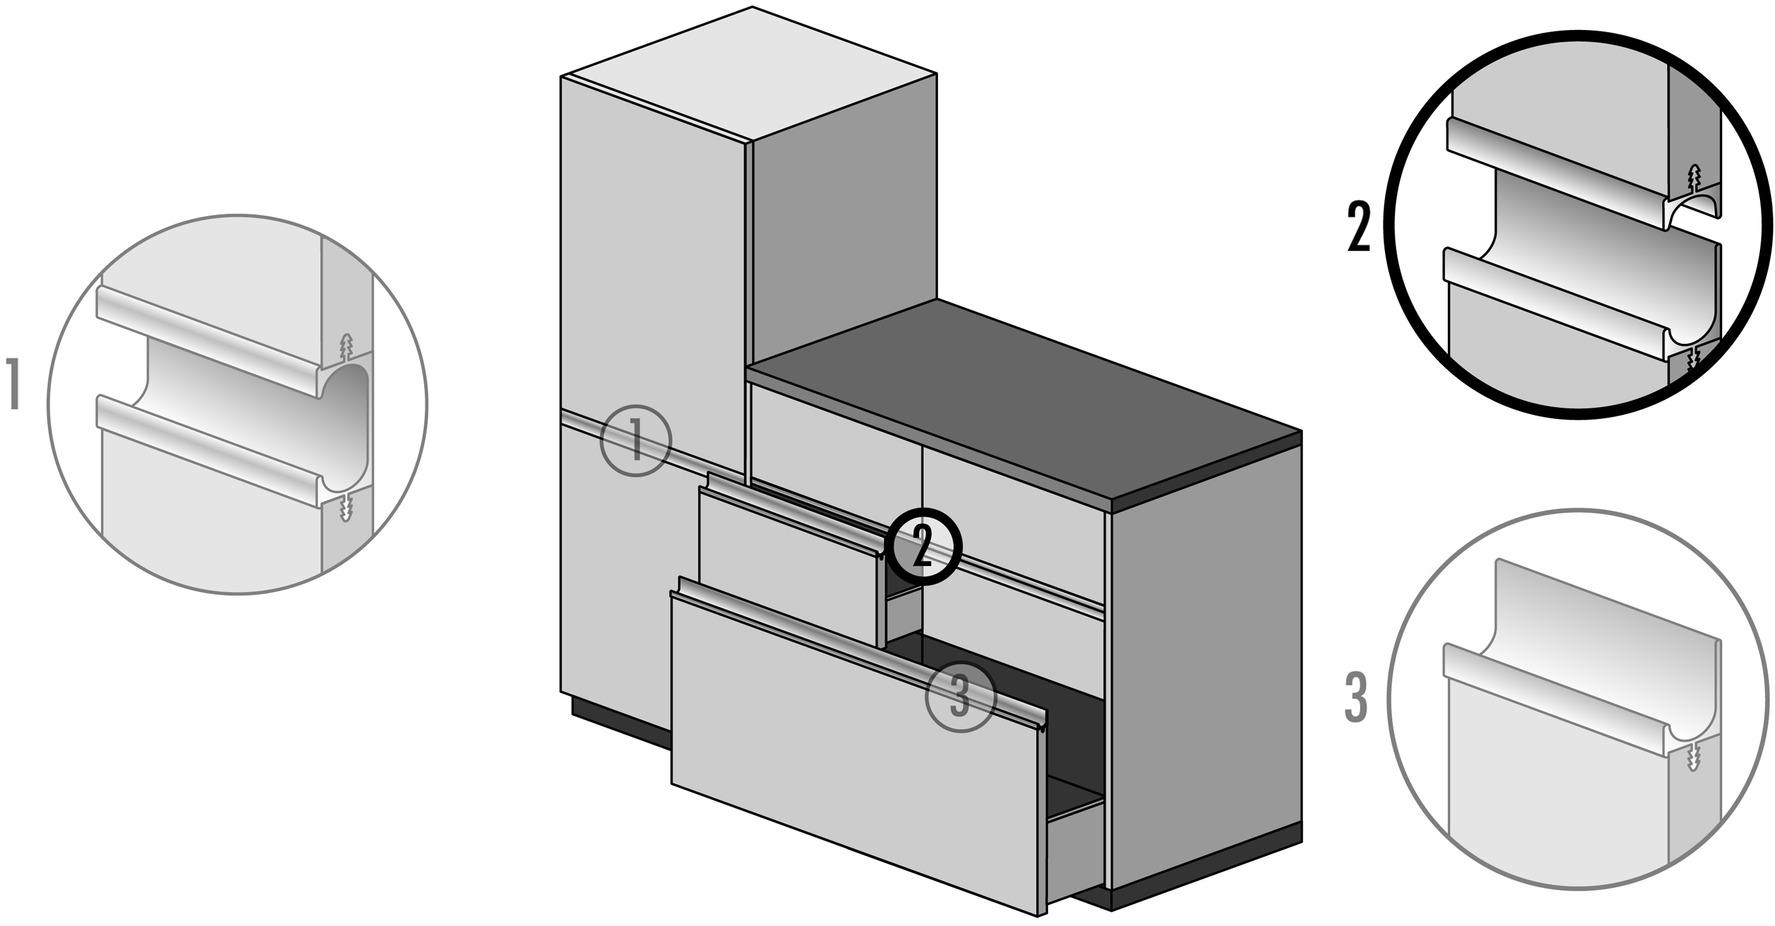 Griffleistenprofile mit Profilhöhe 13 mm auf Mass